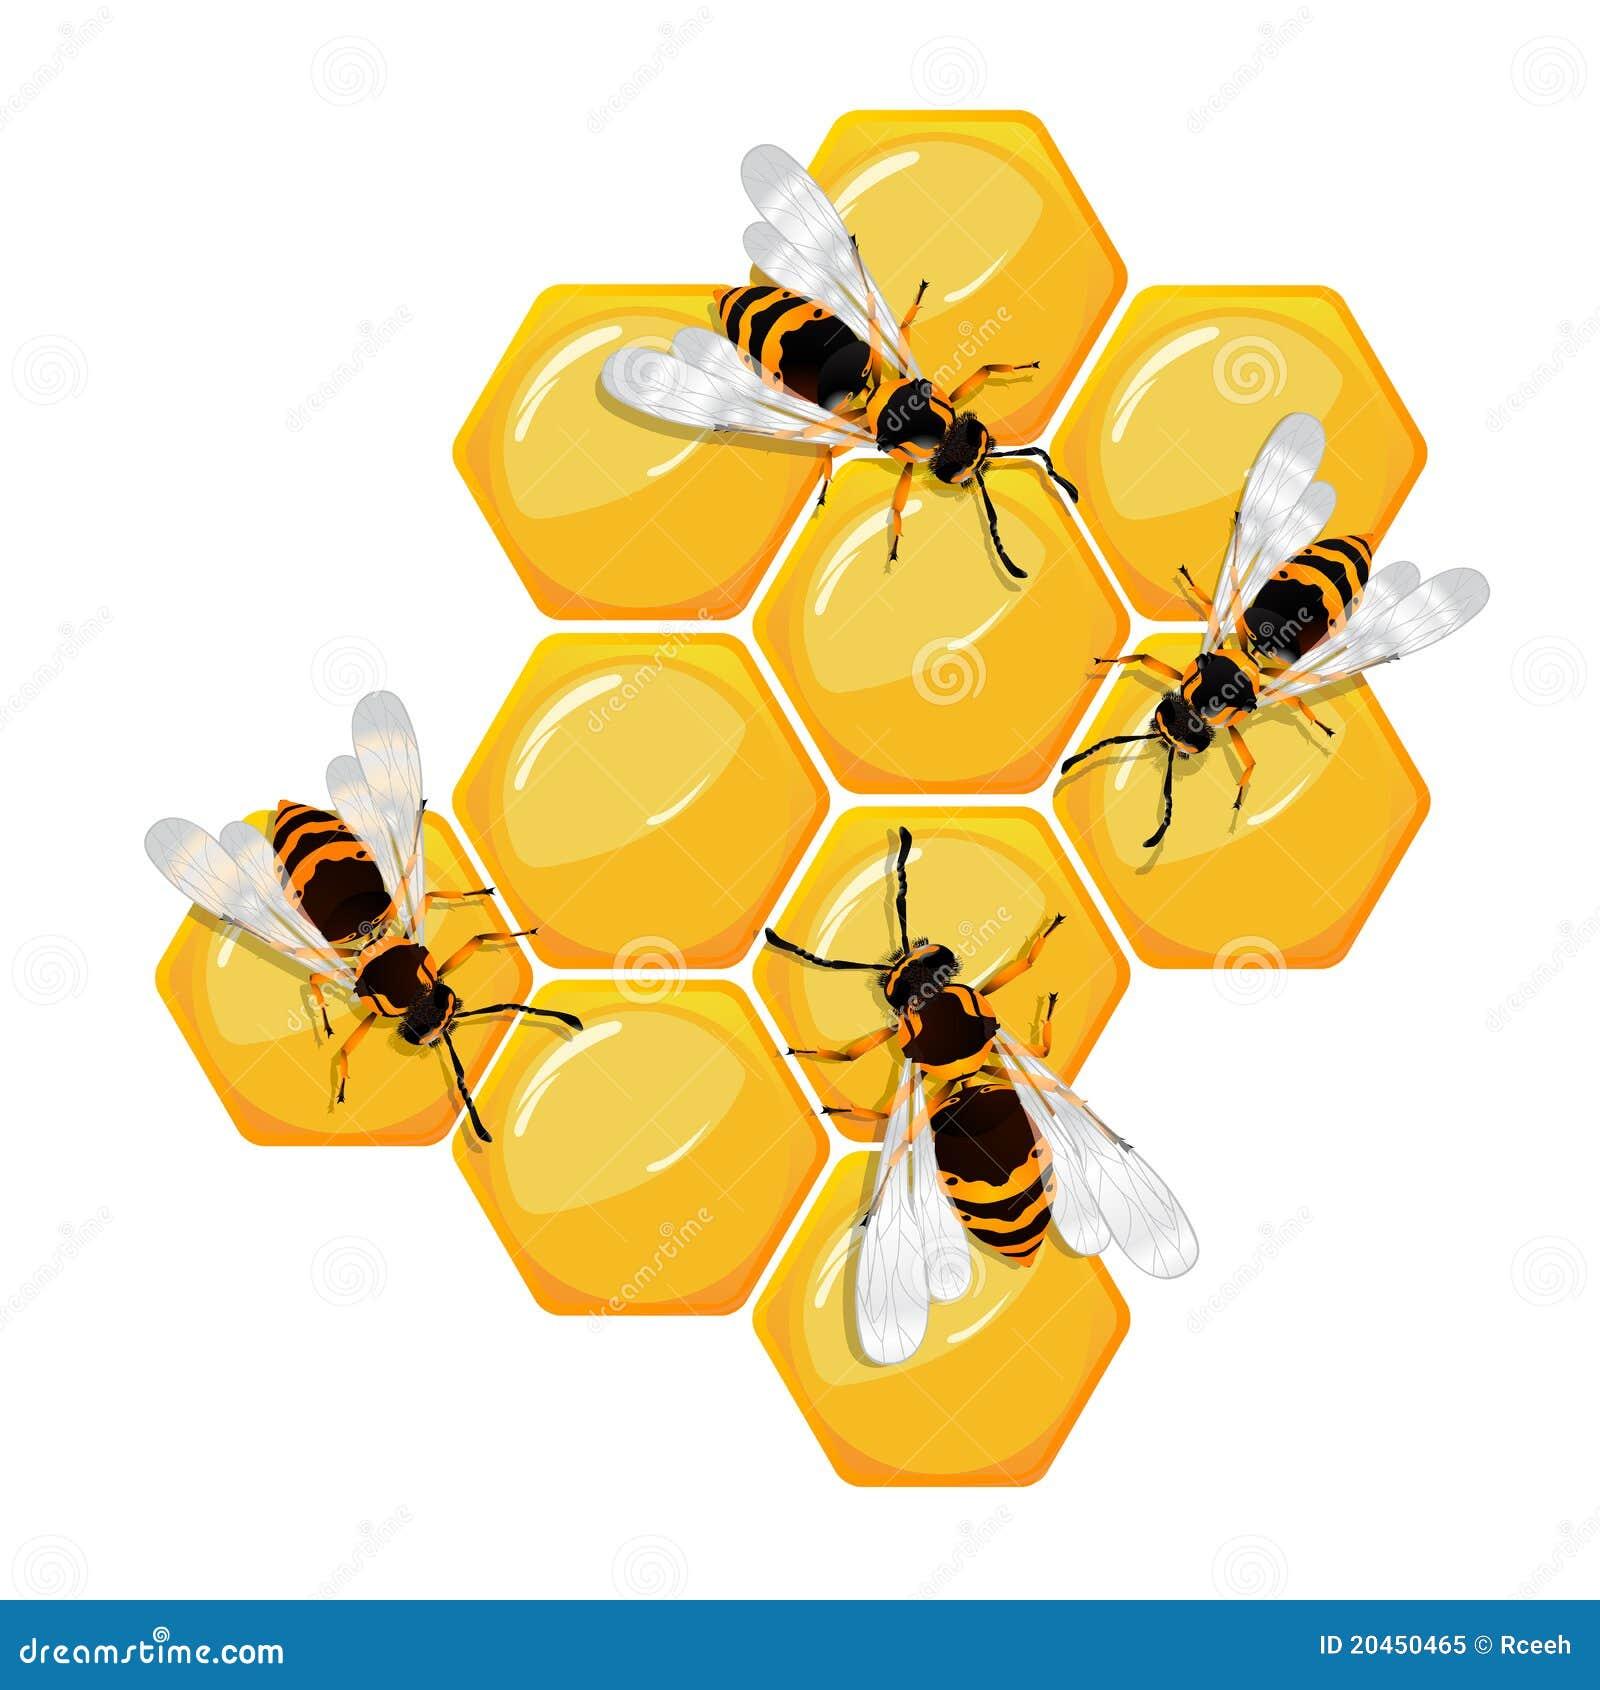 abeilles sur un nid d 39 abeilles illustration de vecteur illustration du sain m decine 20450465. Black Bedroom Furniture Sets. Home Design Ideas